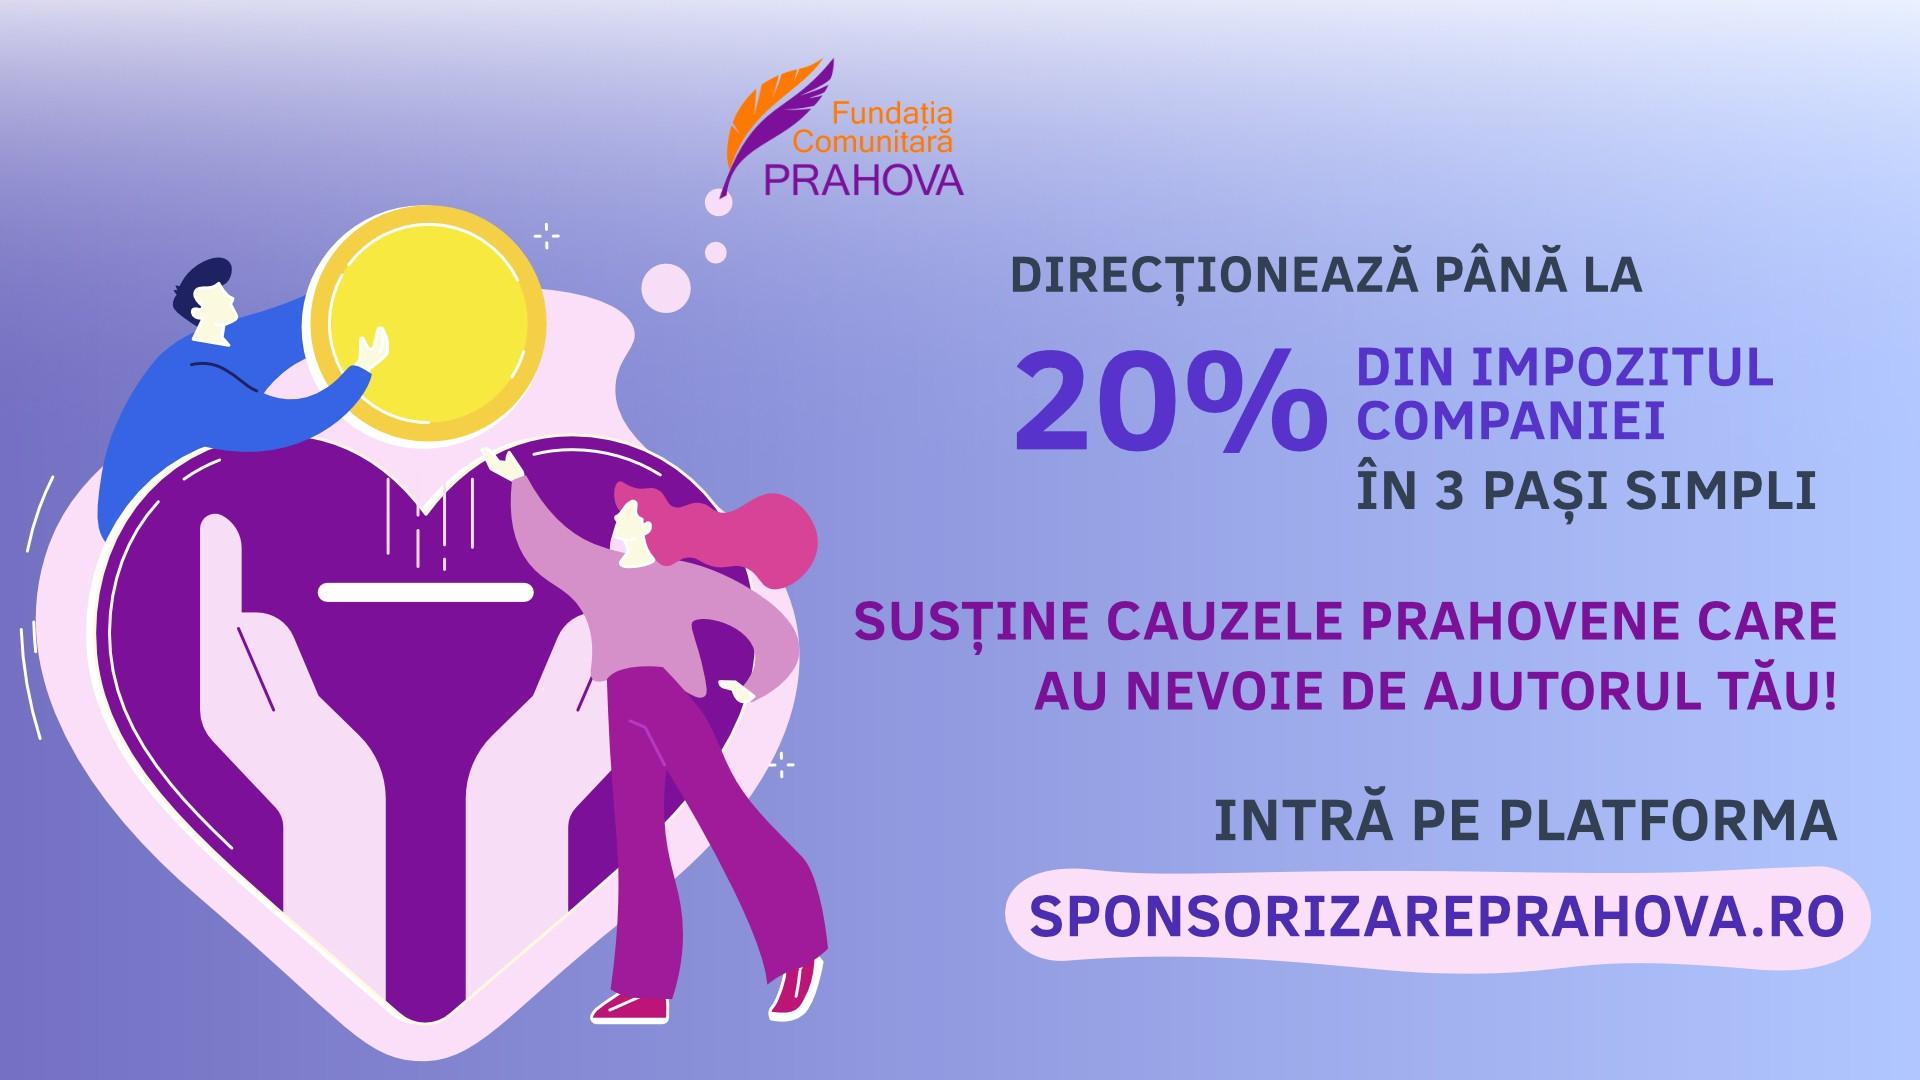 A fost lansată în Prahova platforma prin care, în trei pași simpli, poți redirecționa până la 20% din impozit pentru cauze în care crezi!